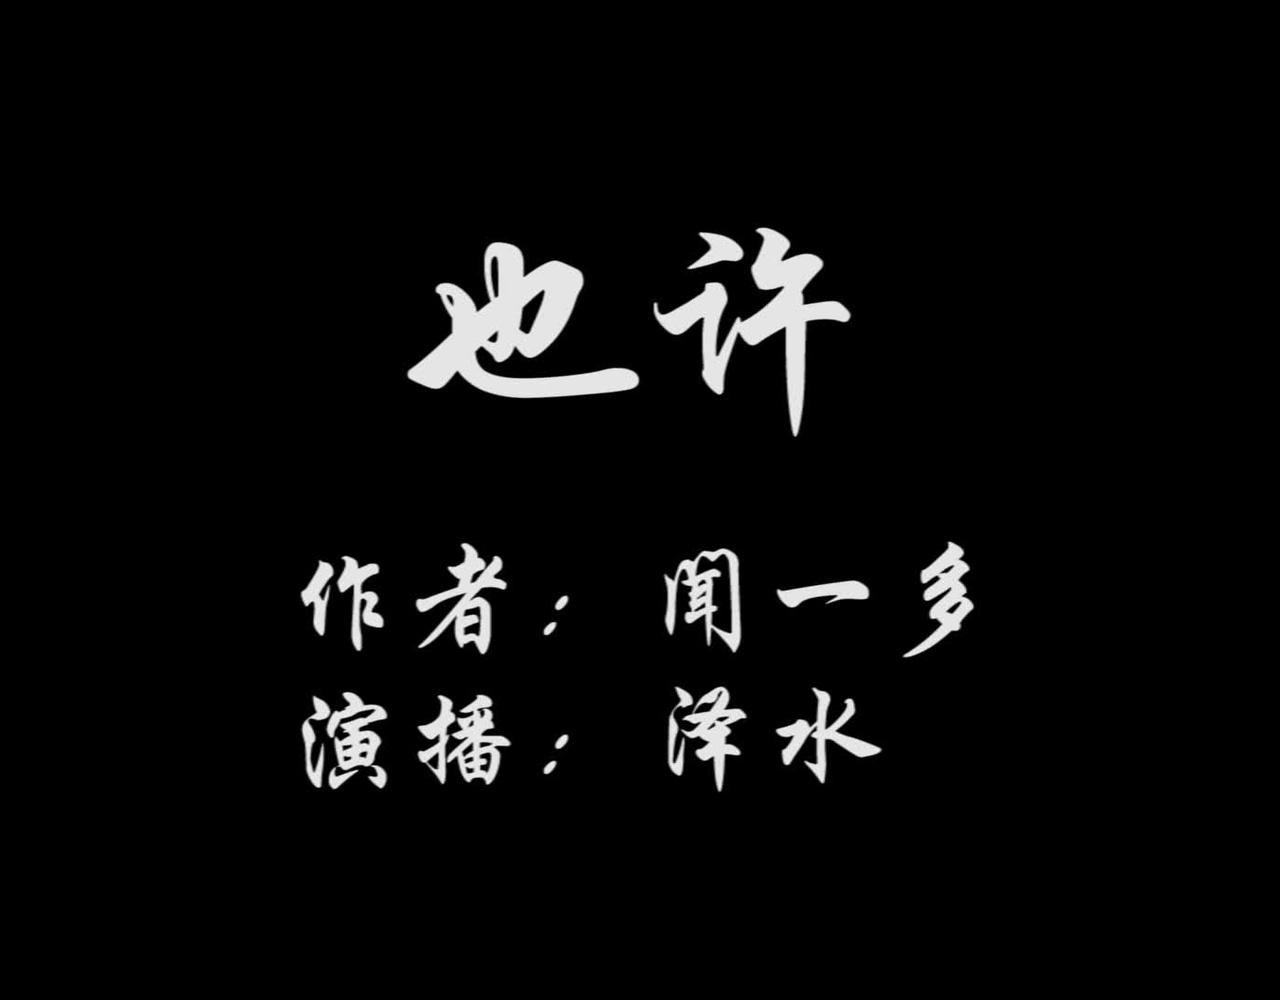 【朗诵 · 诵读】泽水 - 也许(作者:闻一多)